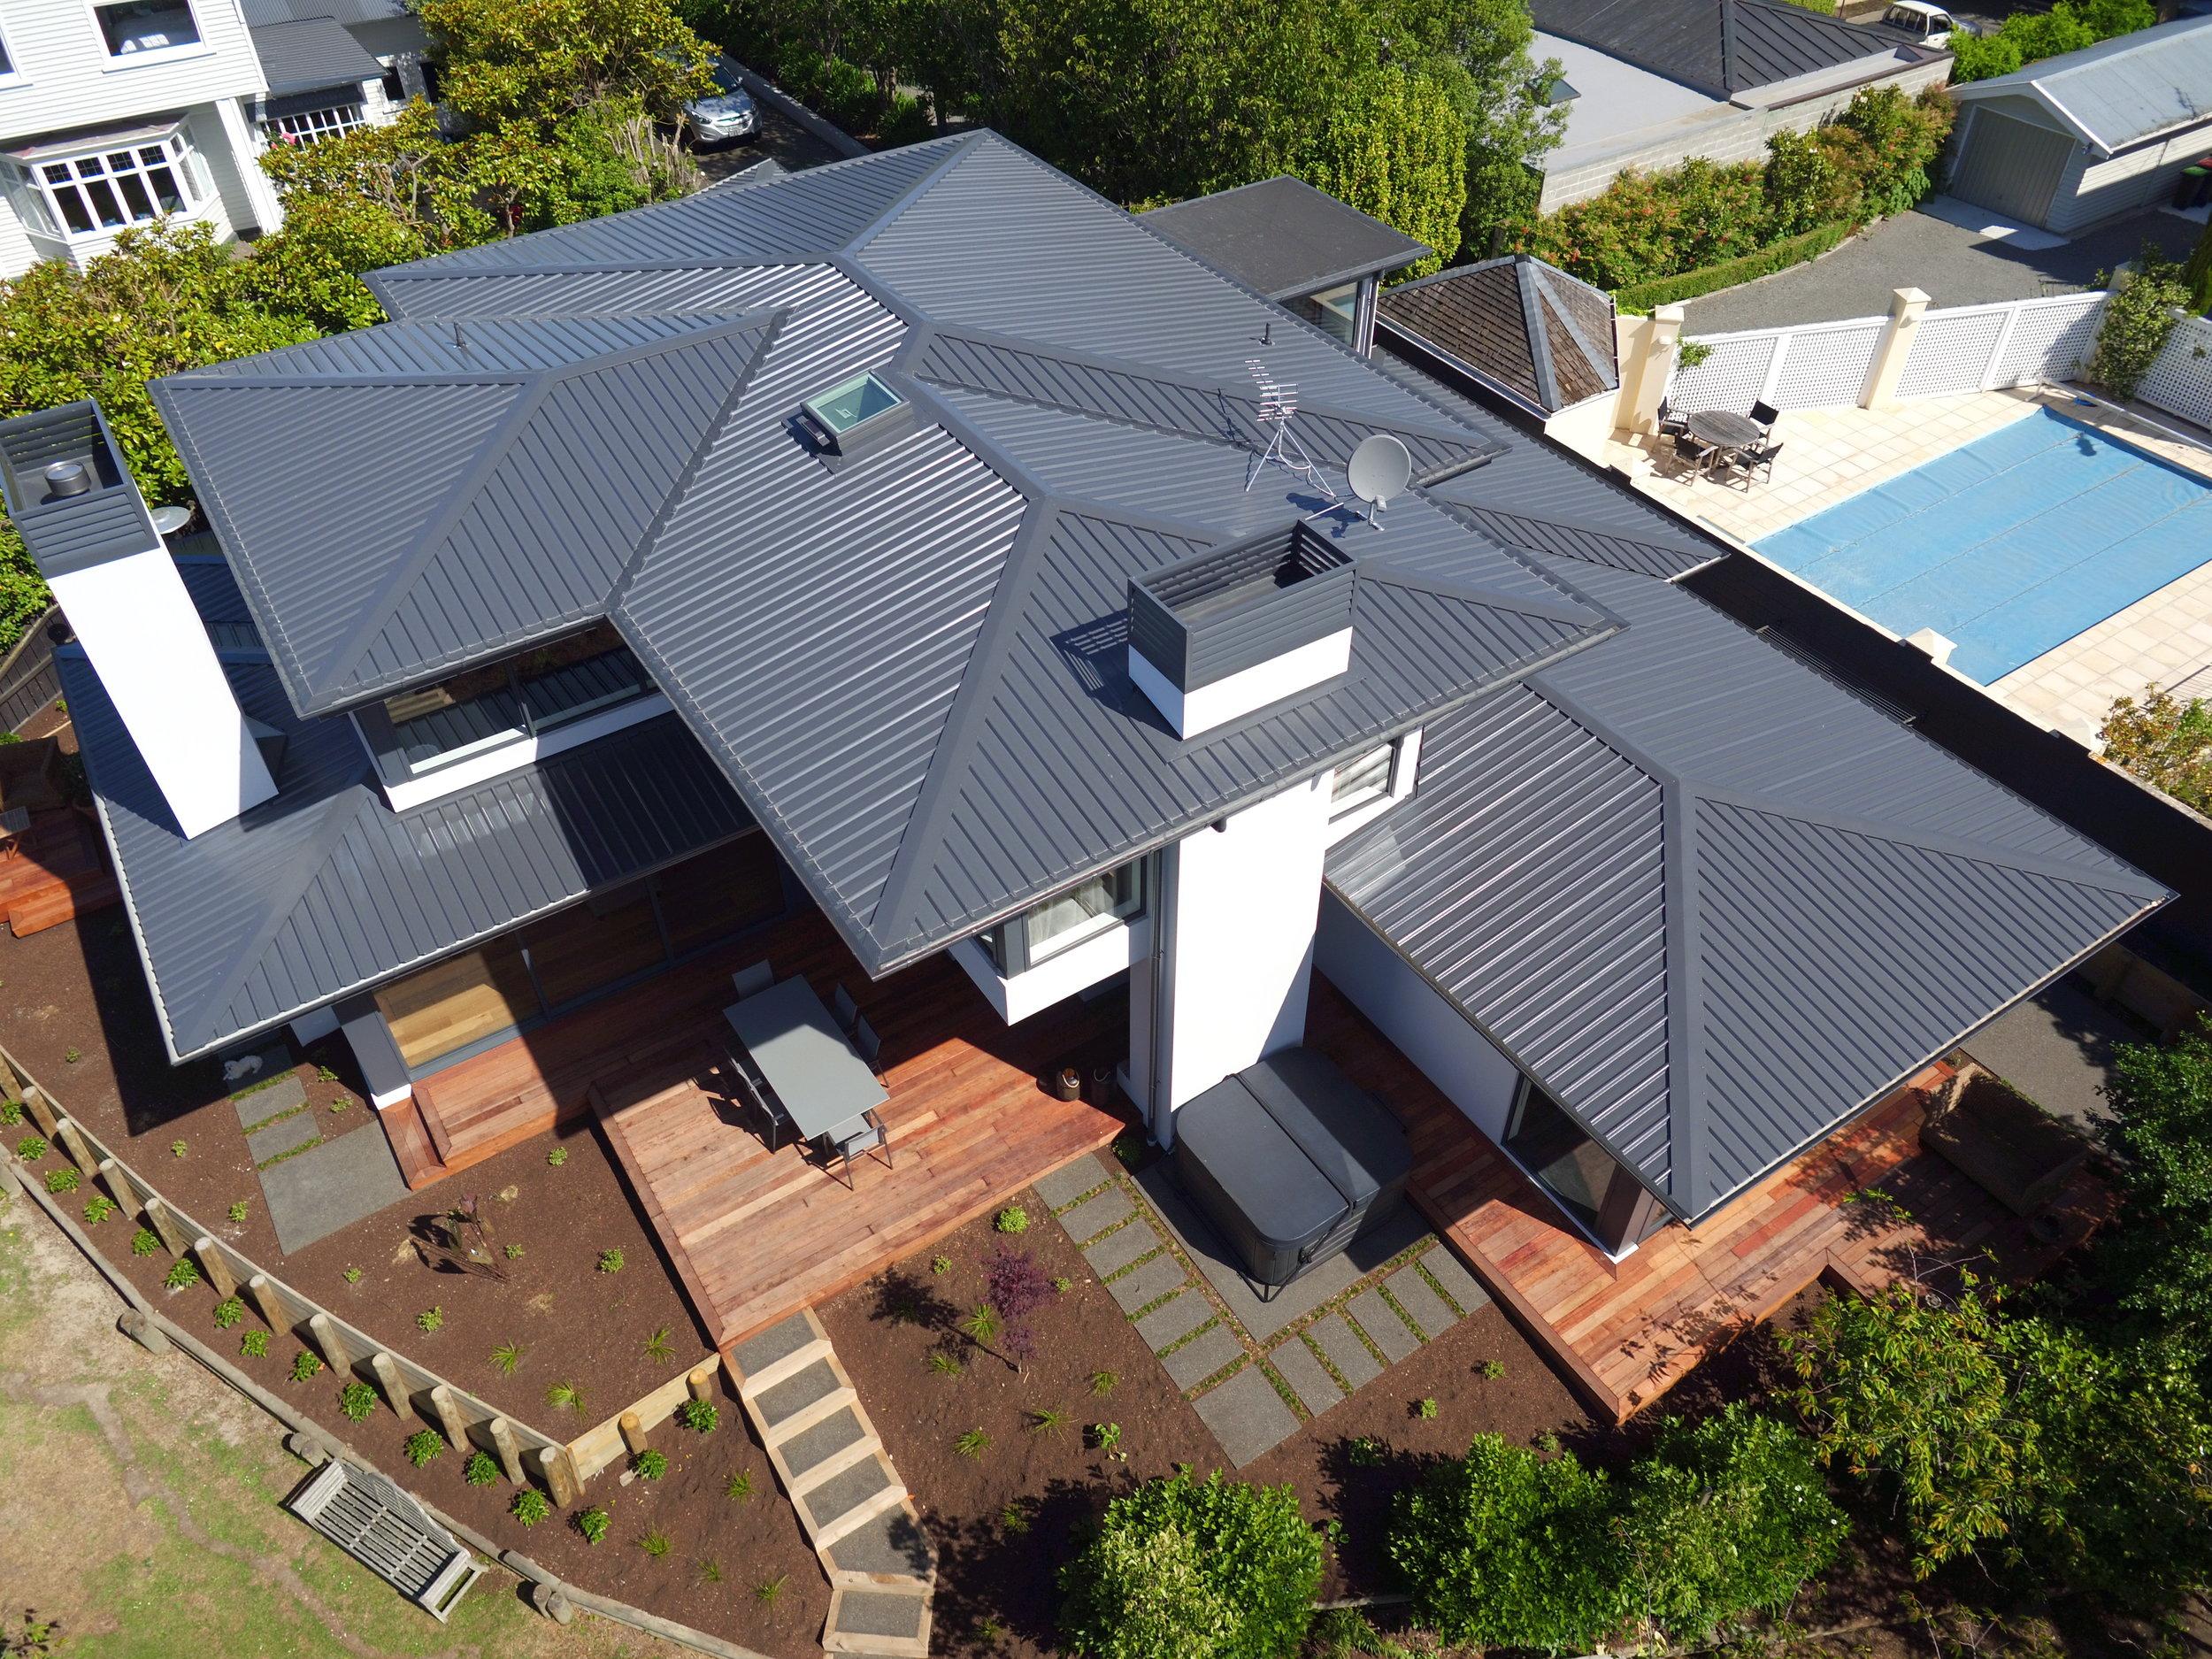 The-Roofing-Store-Steel-Metal-TRS-5-Grey-Fraiars-3.jpg.jpg